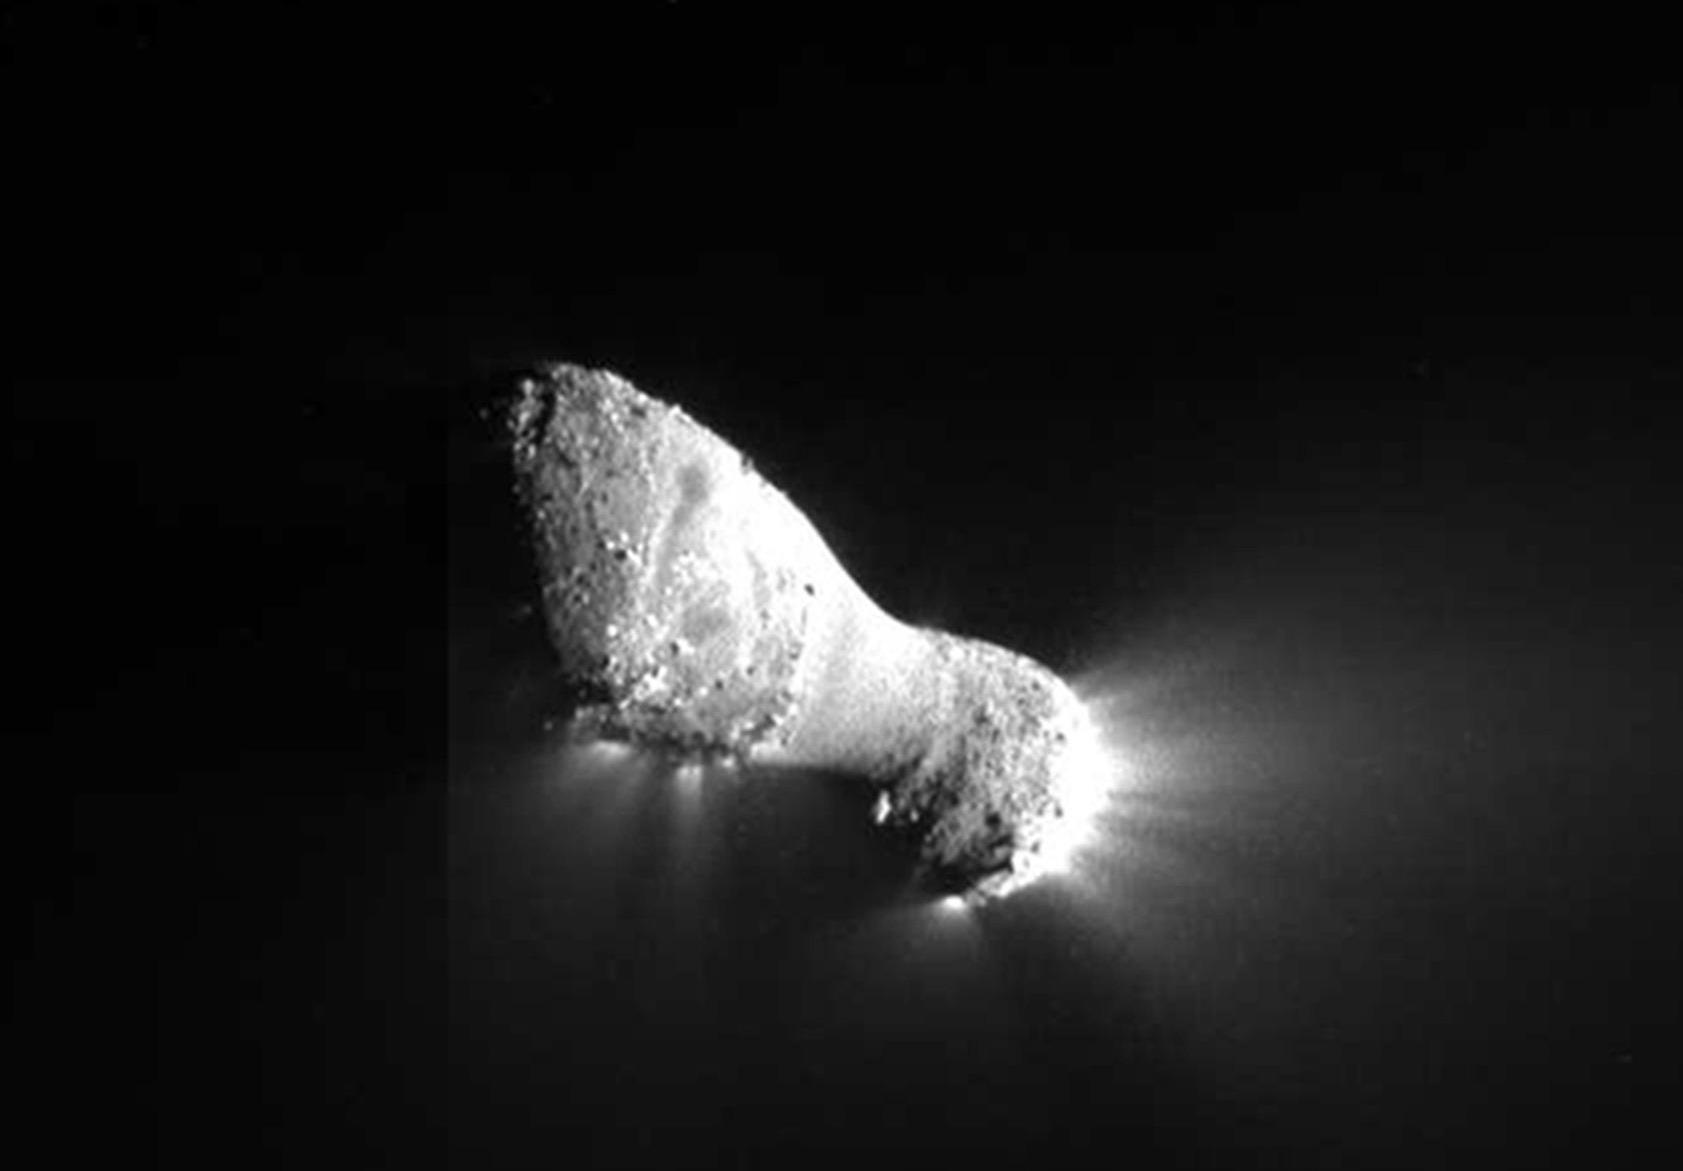 Núcleo del cometa 103P/Hartley con chorros que fluyen hacia fuera